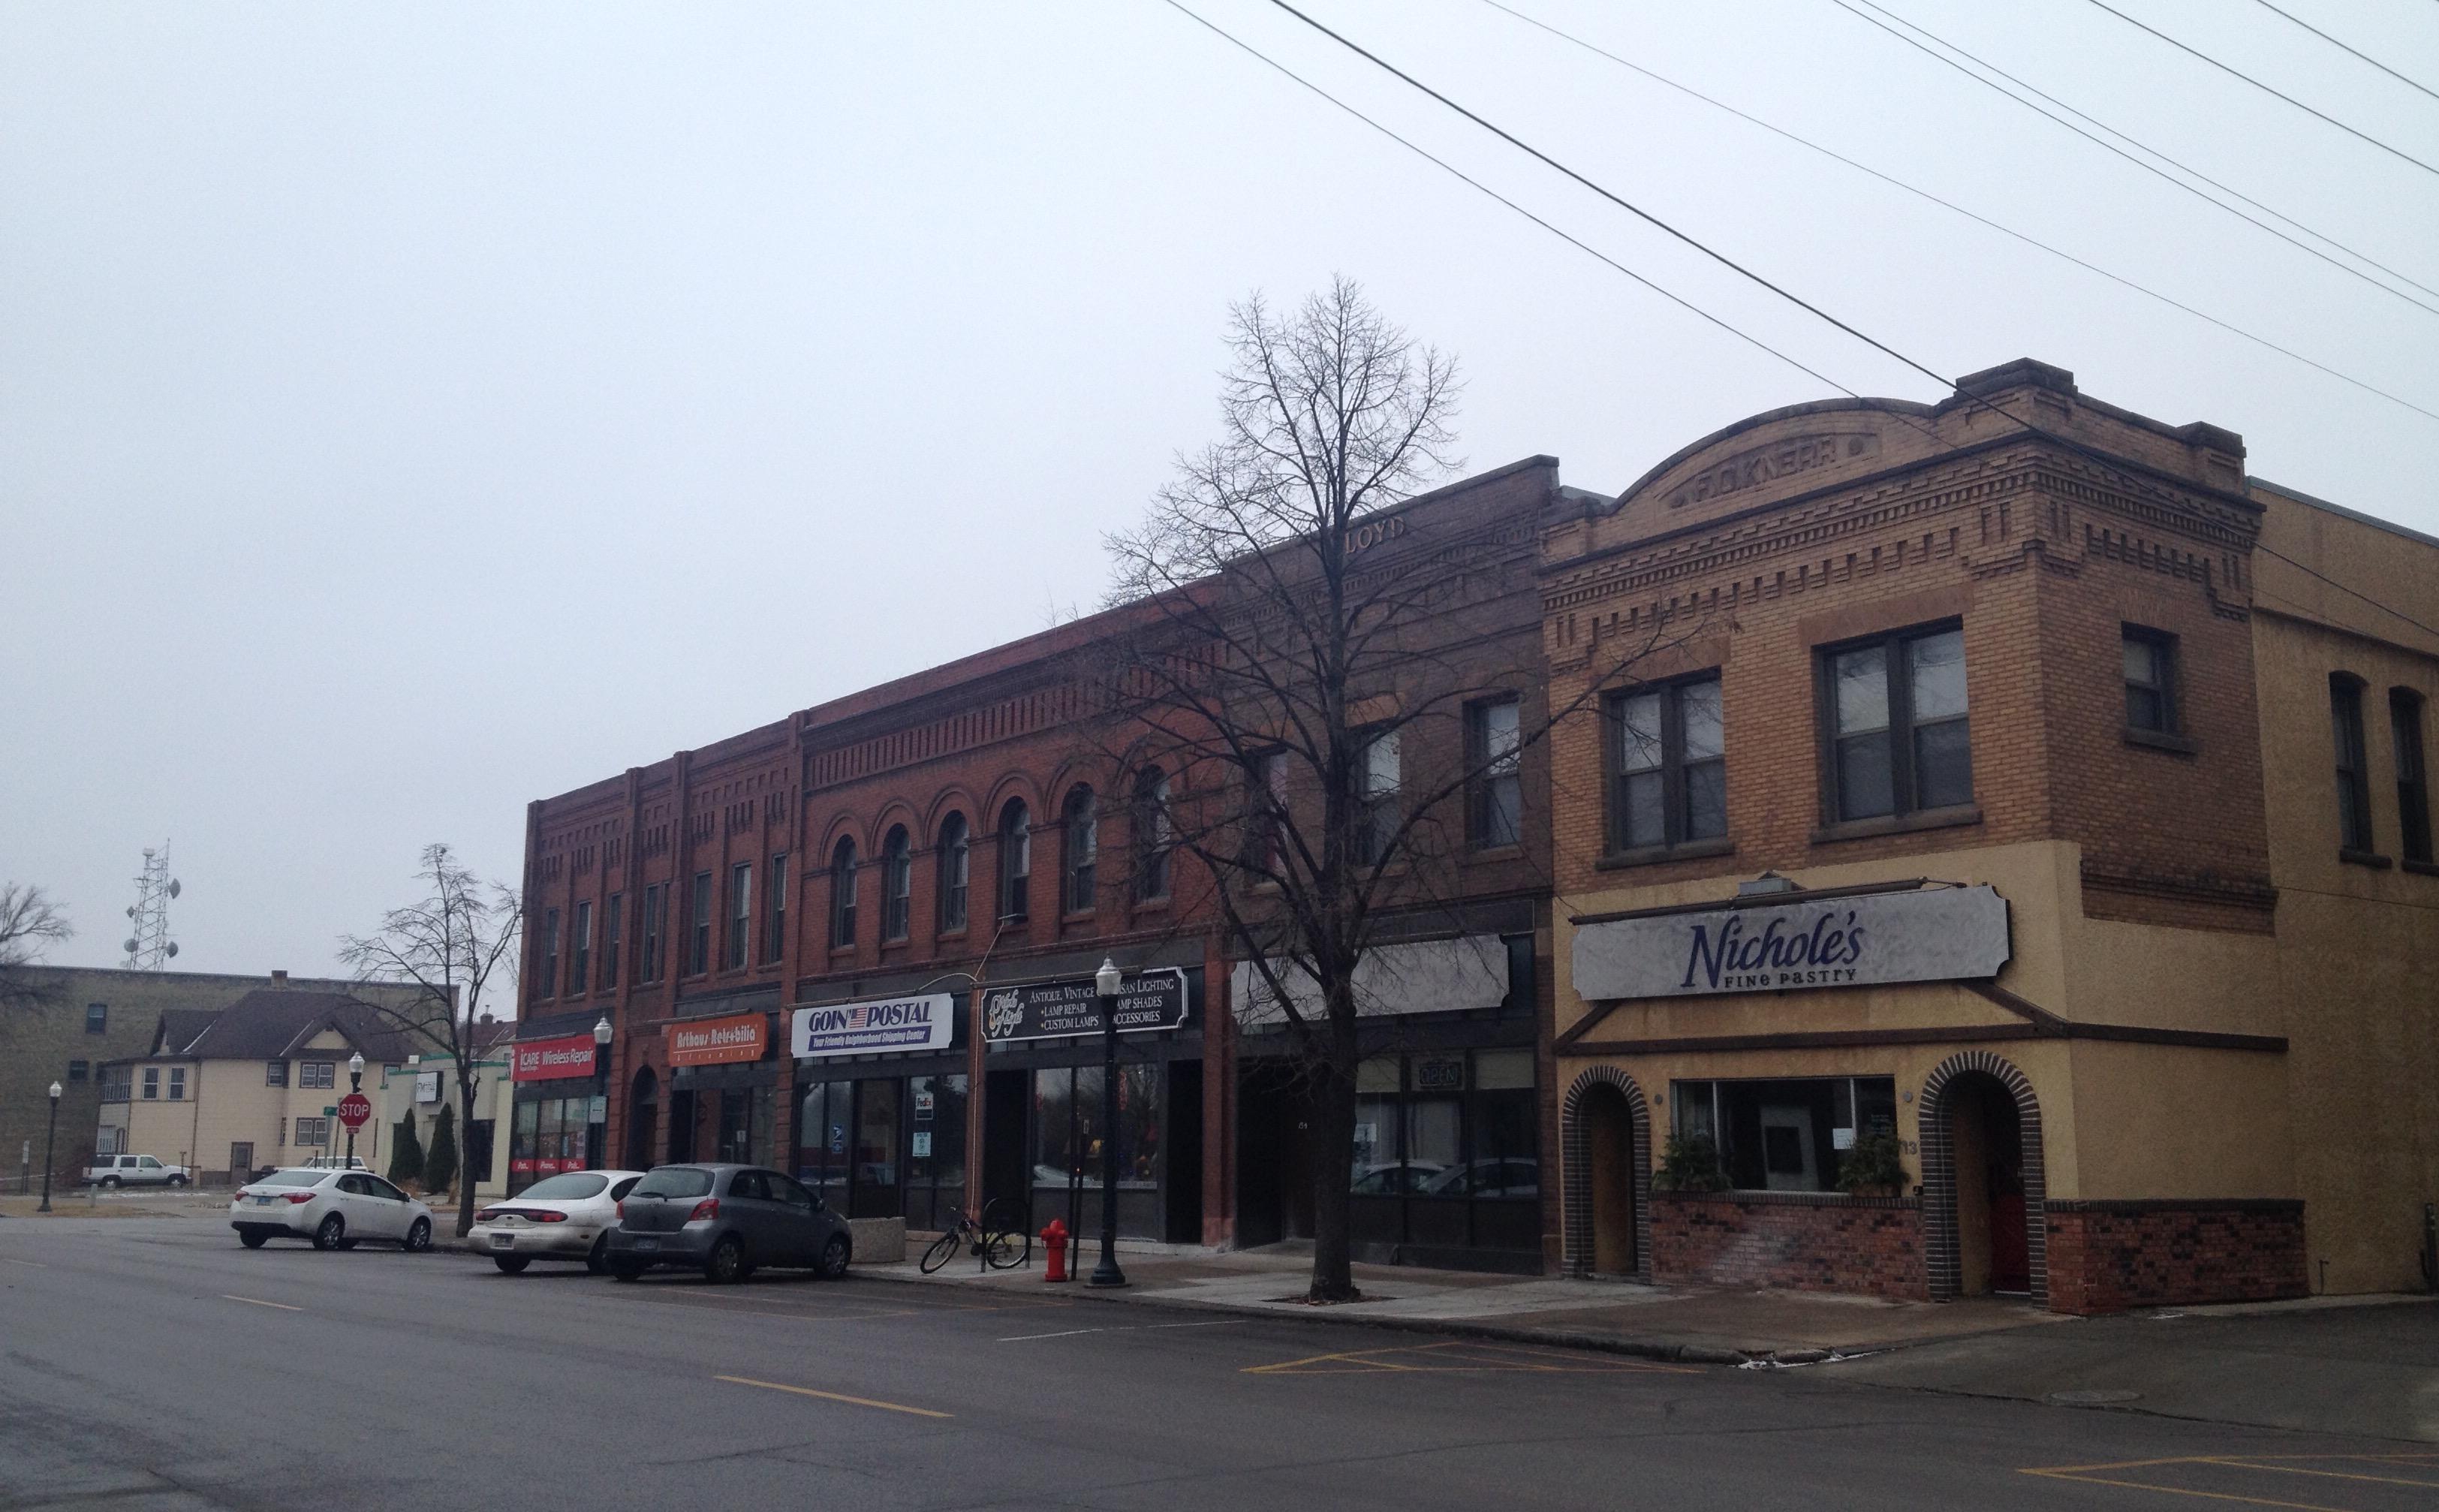 Personals in Fargo ND - Craigslist Fargo Personals ND